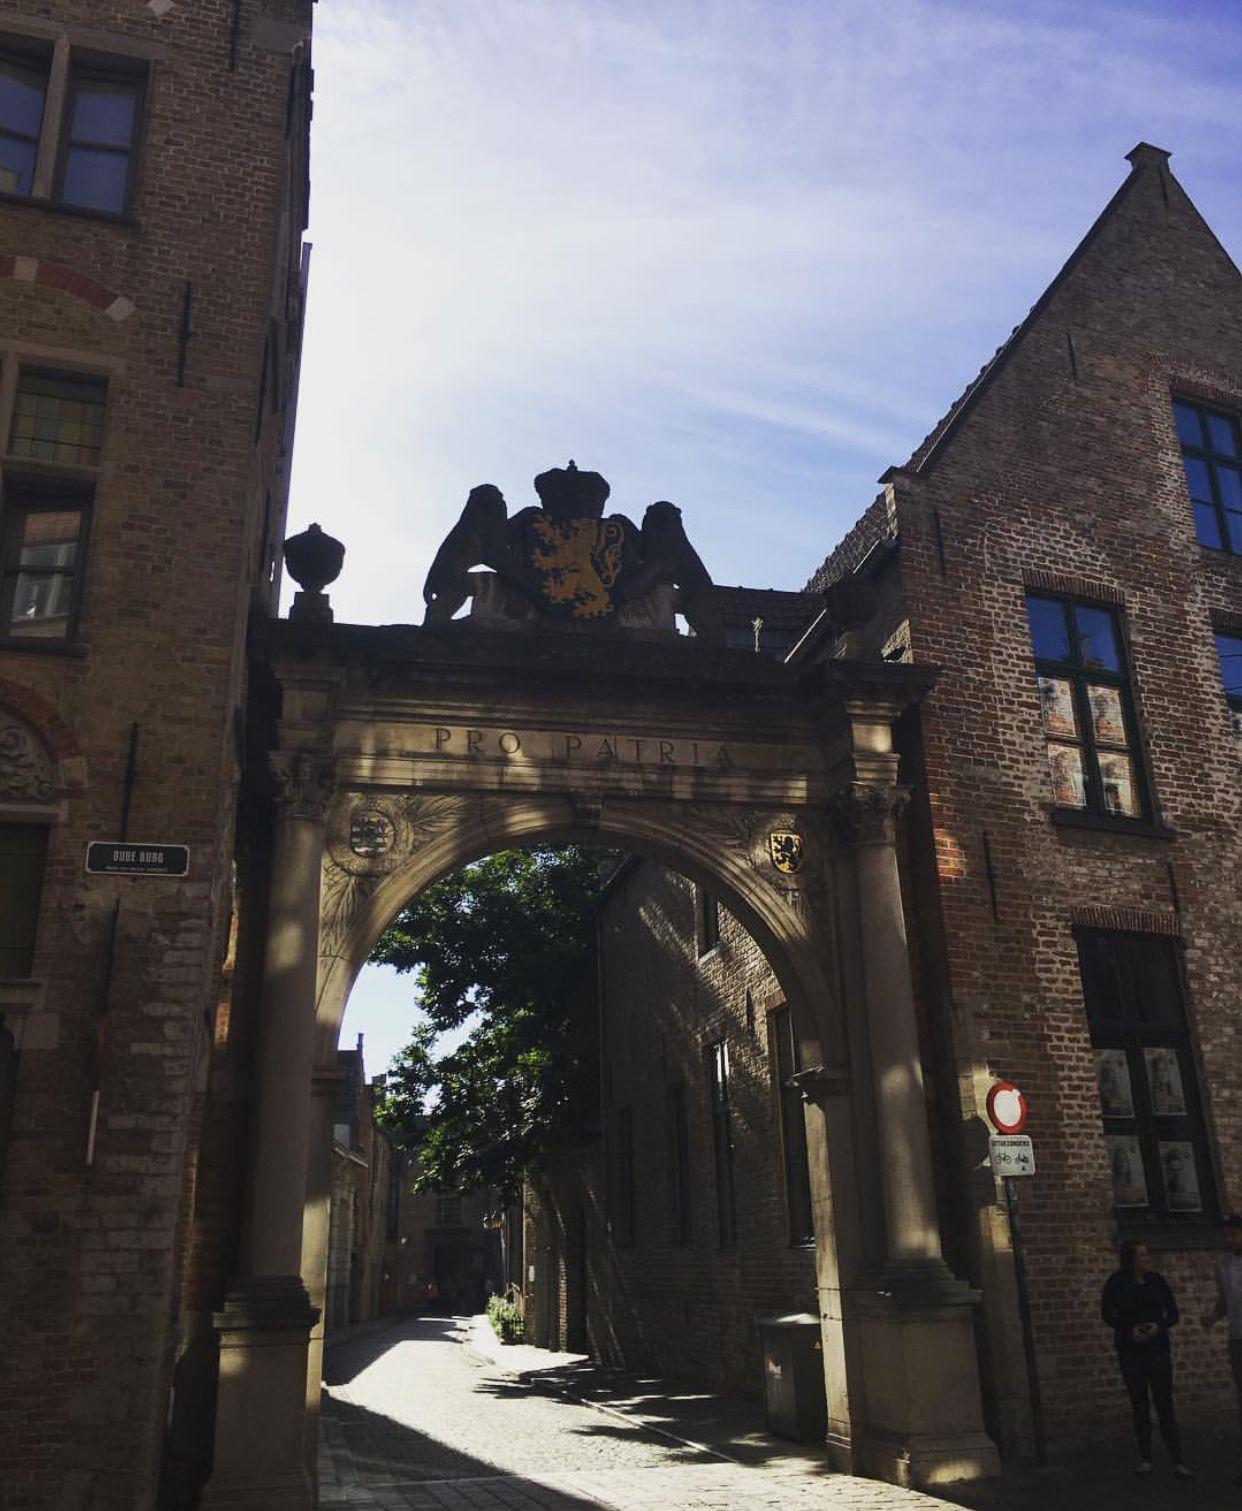 Praalboog Pro Patria memorial, Bruges Brooklyn bridge